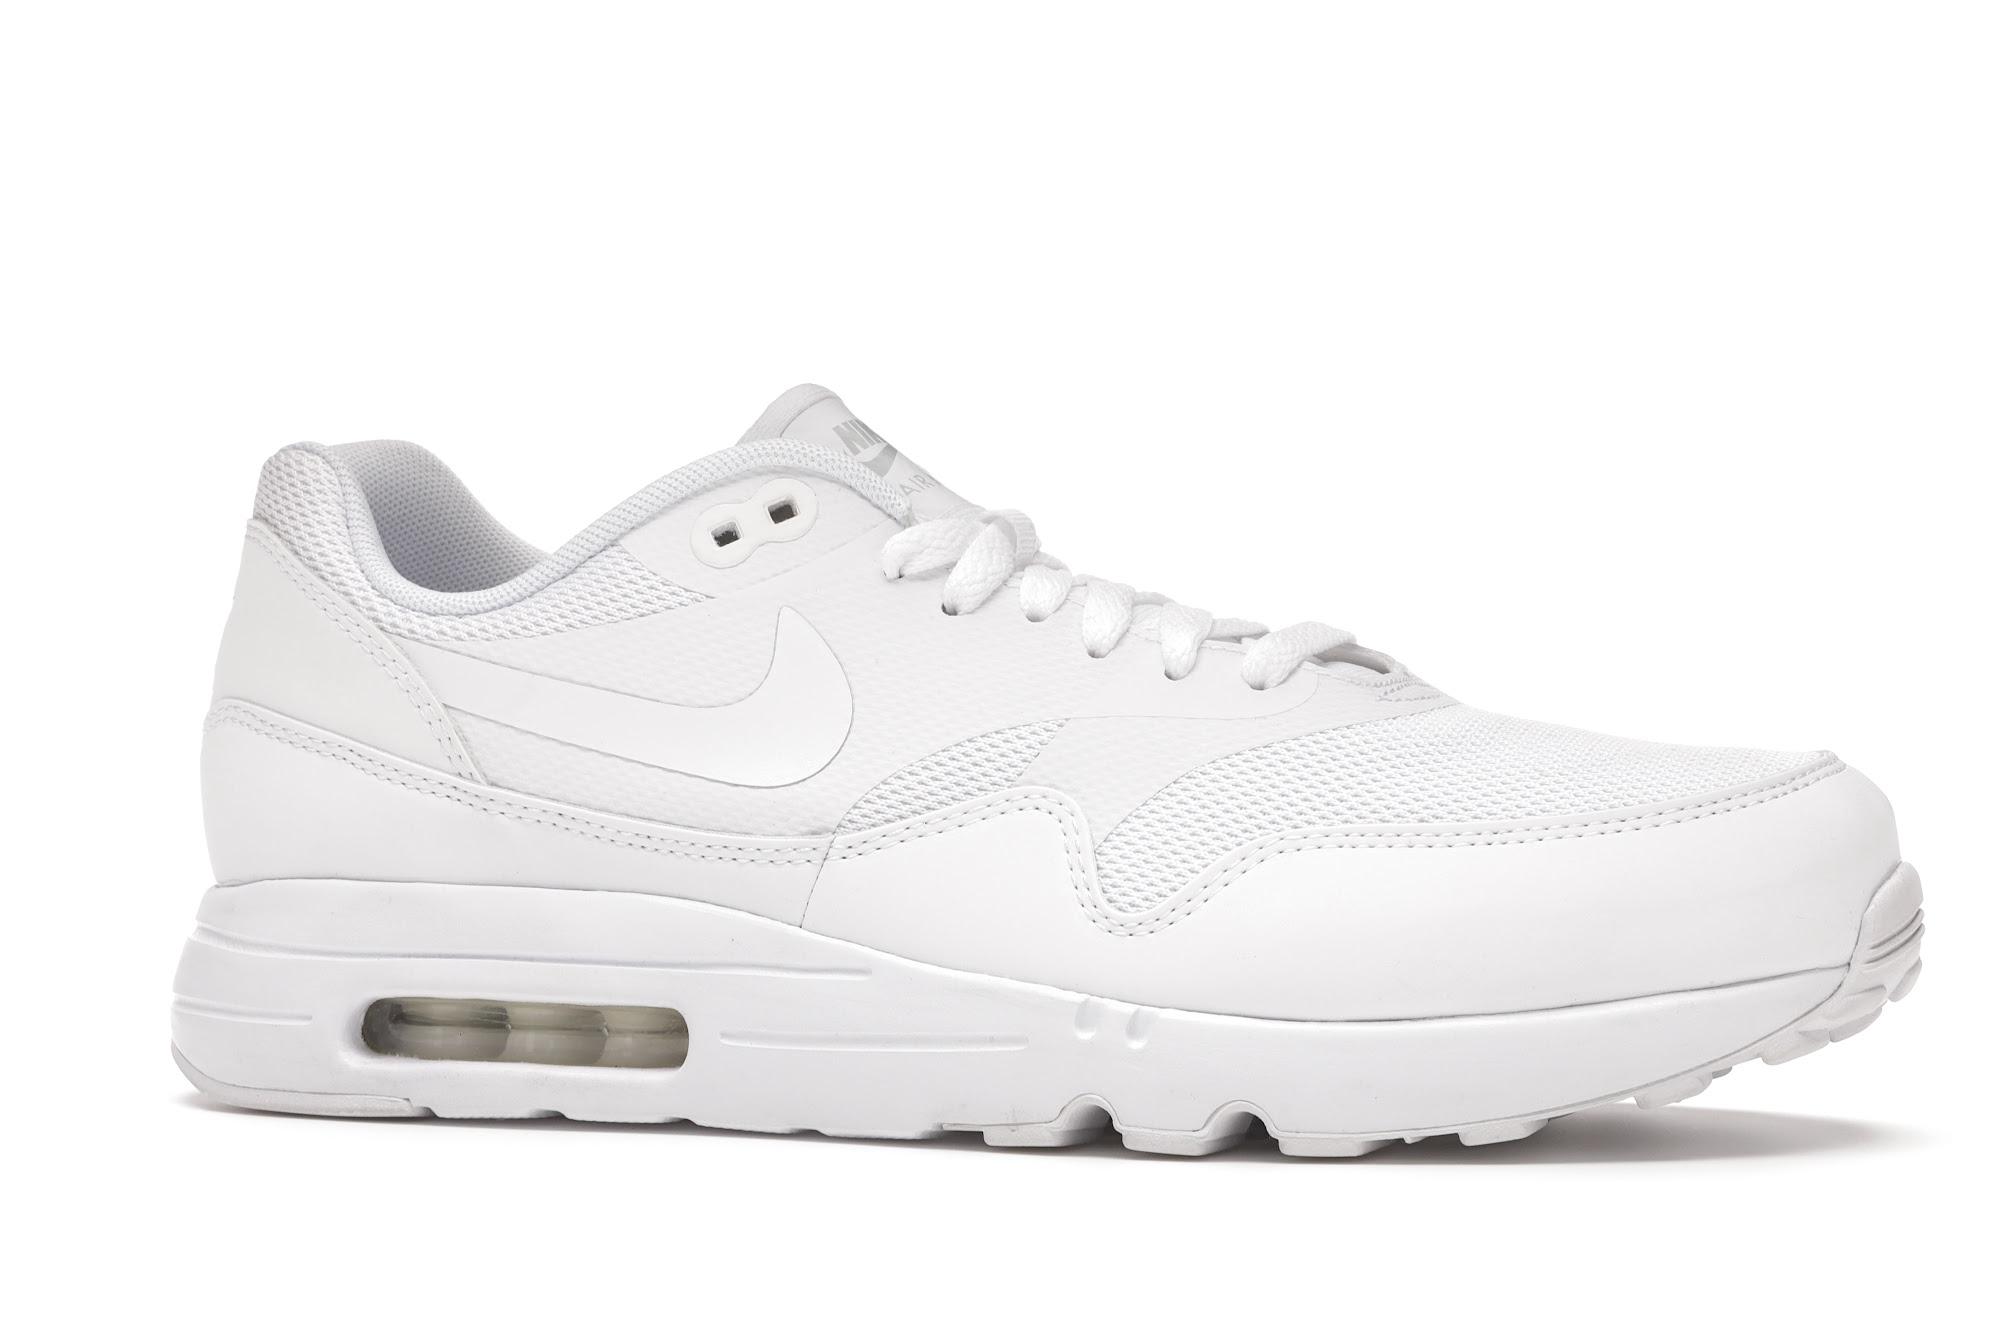 Nike Air Max 1 Ultra 2.0 White